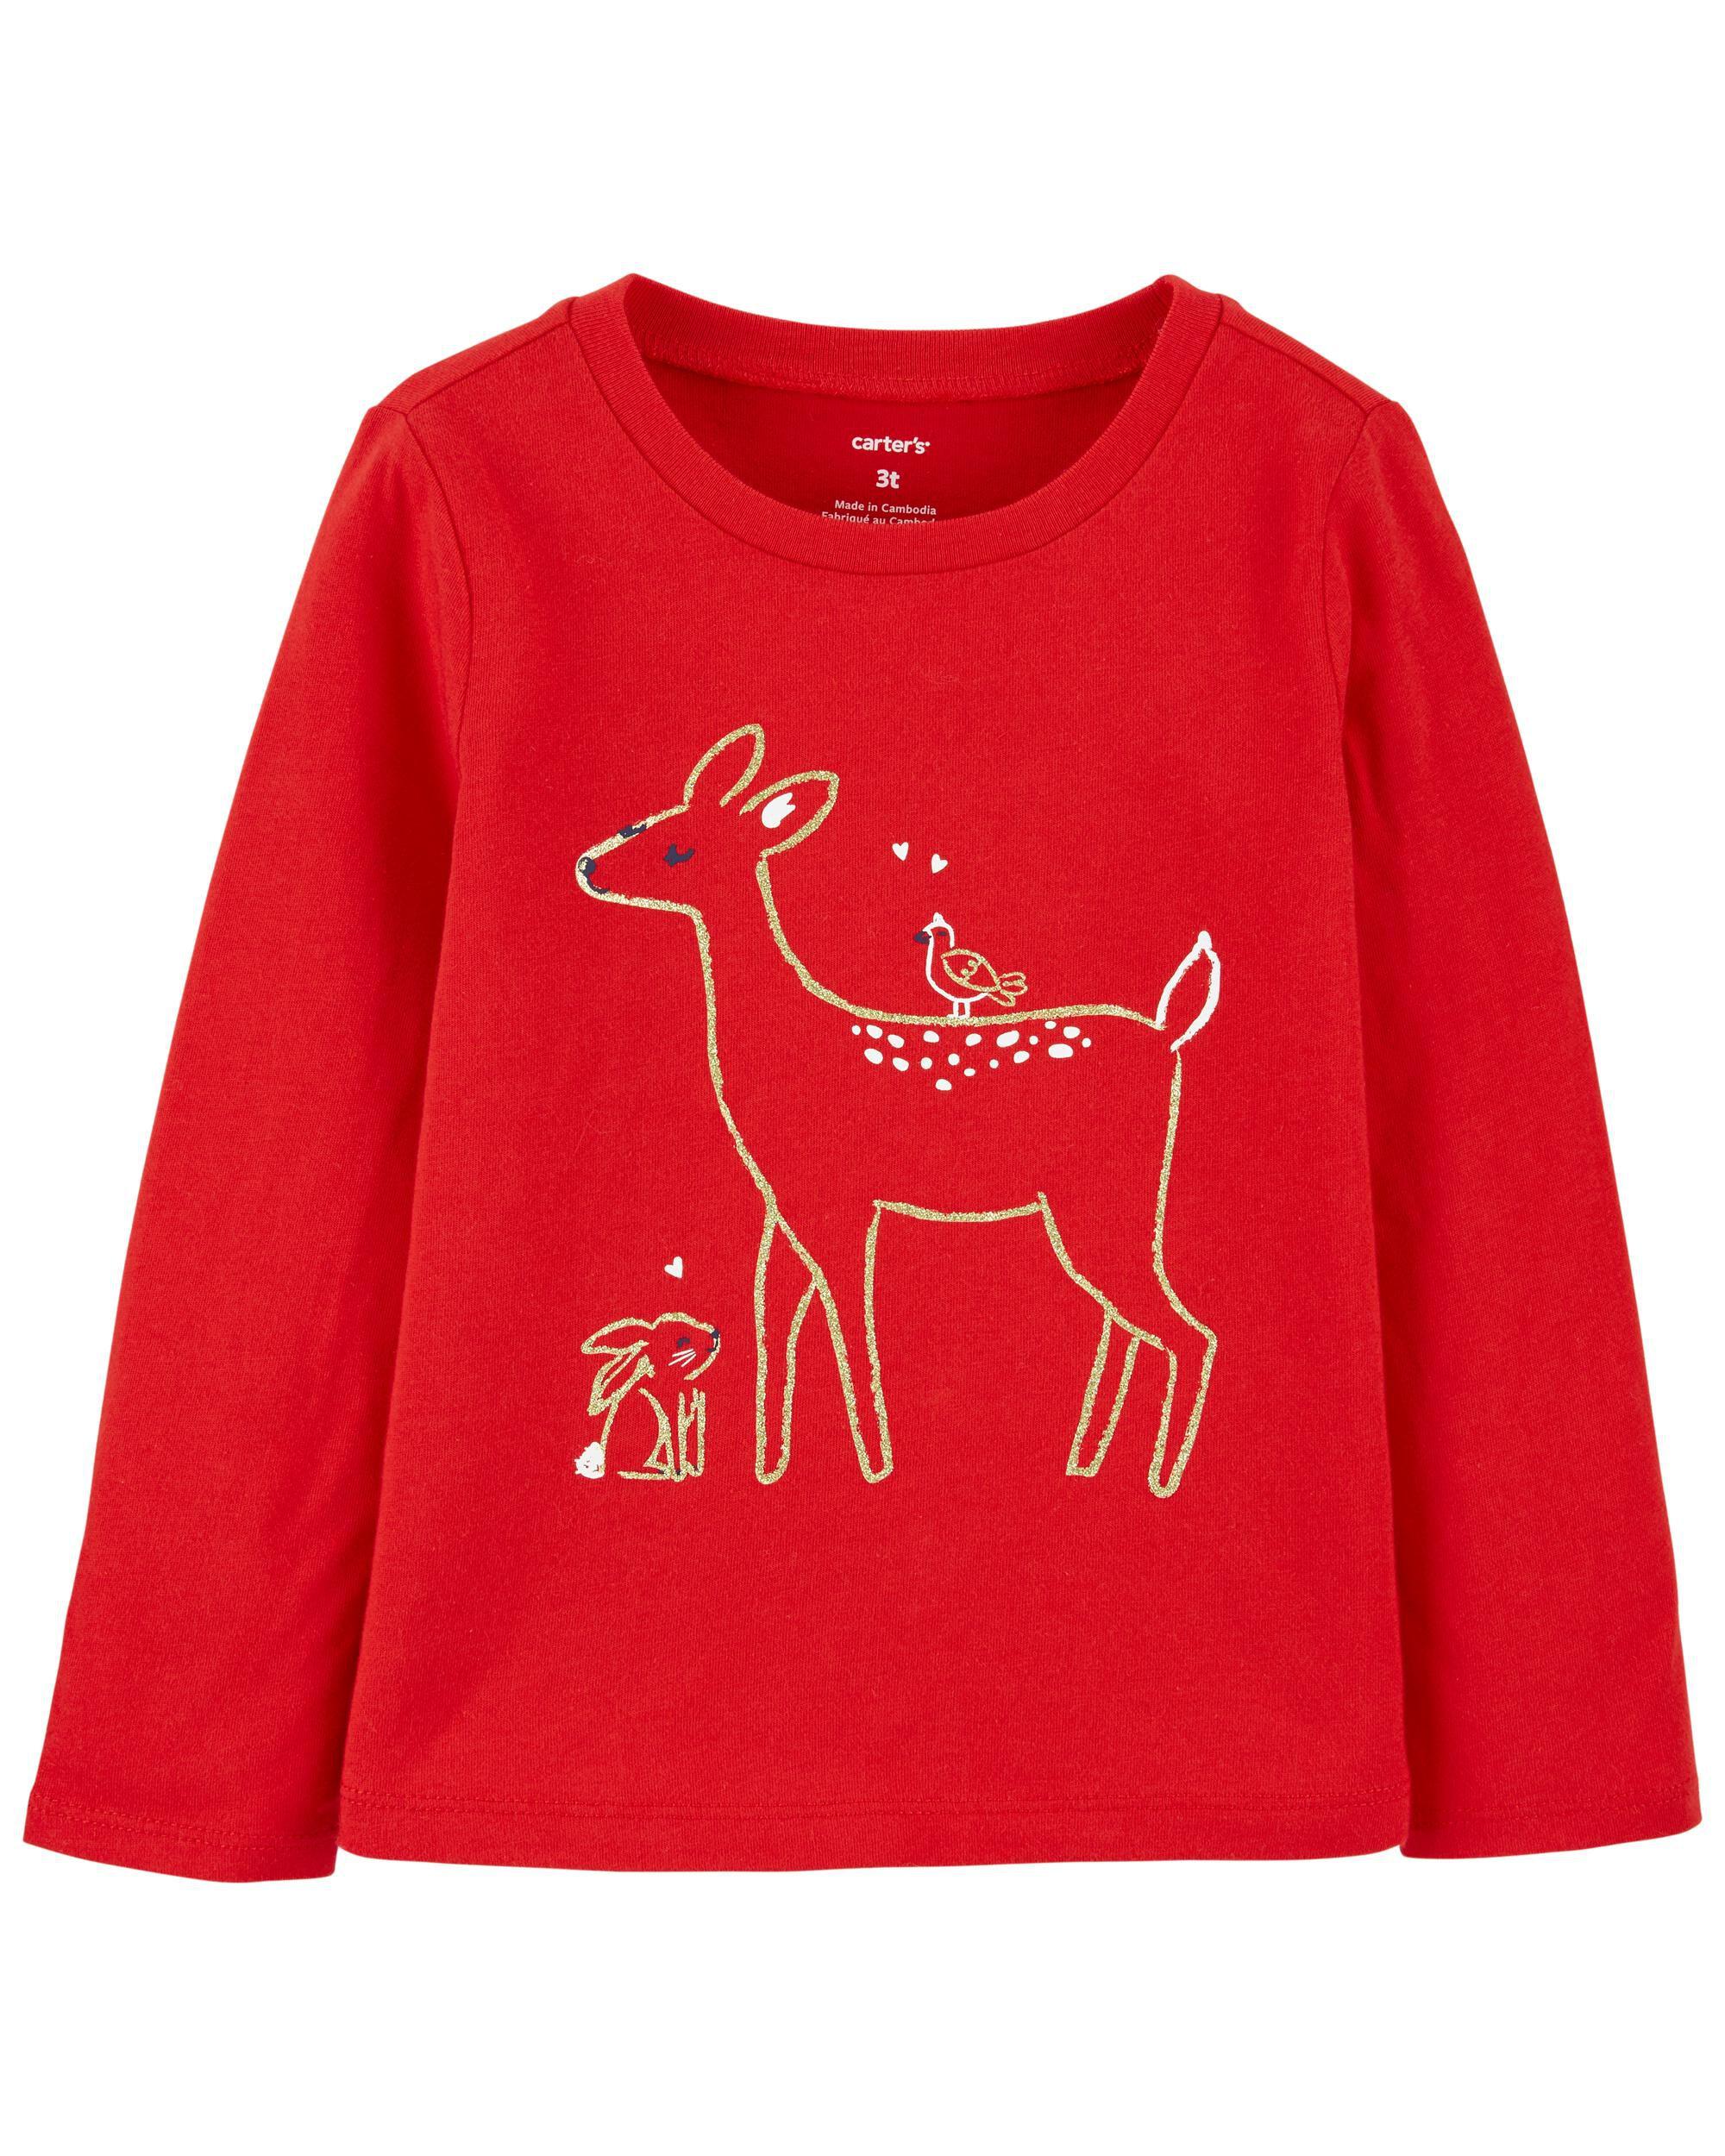 *DOORBUSTER*Reindeer Jersey Tee